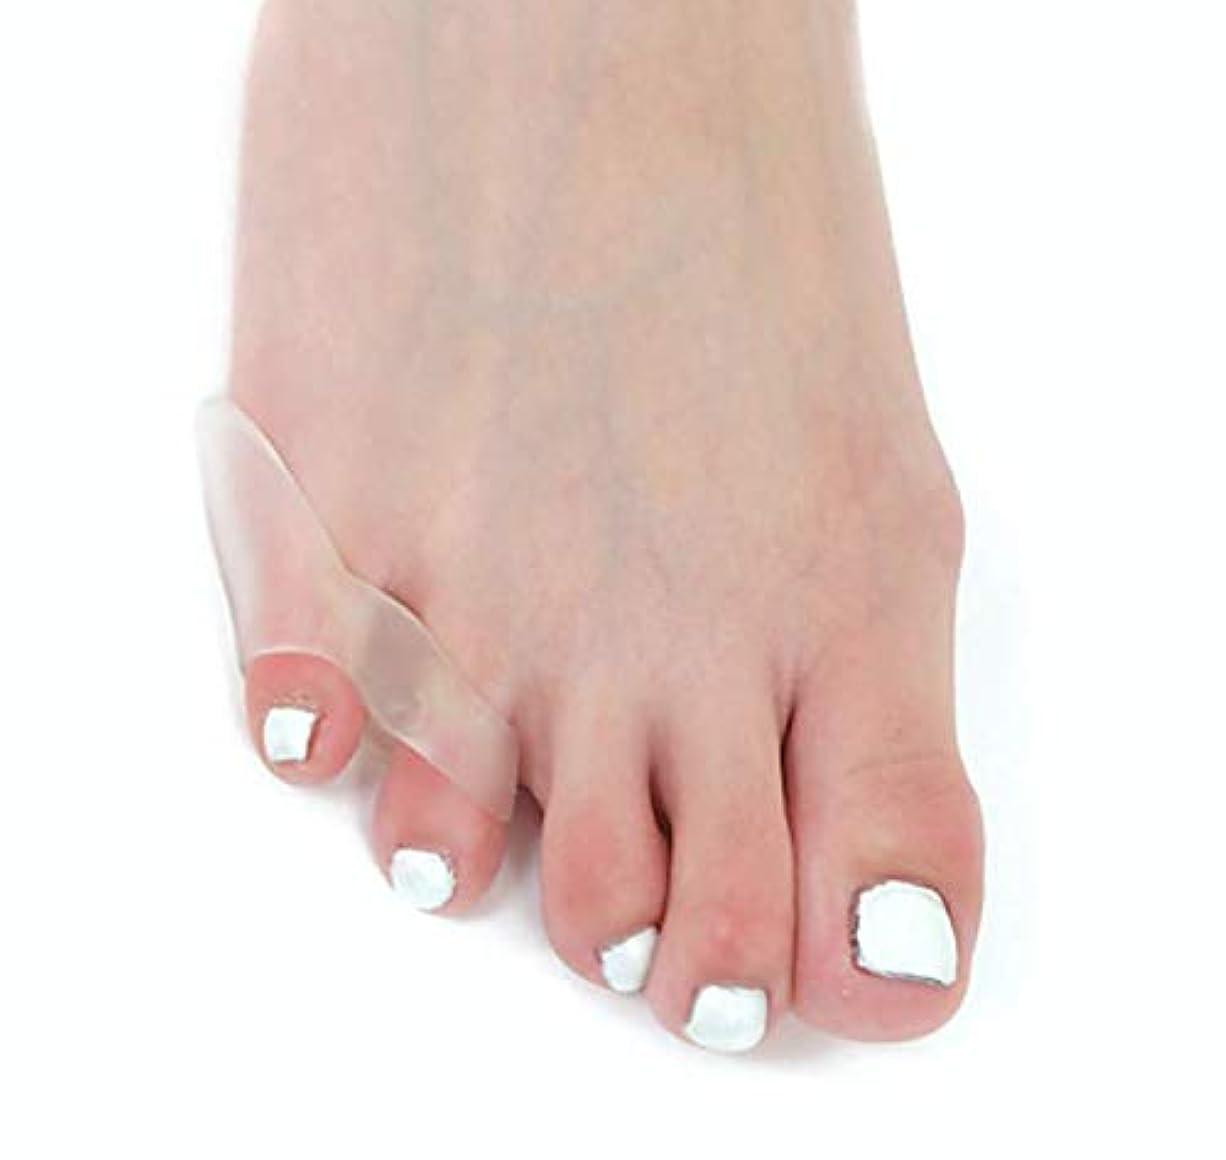 全部ペースト乗り出すfoot protection 内反小趾 サポーター B(小指サポーター) 4個入り ないはんしょうし パッド インソール 矯正 サポーター 小指矯正 足小指 小指 シリコン (2)